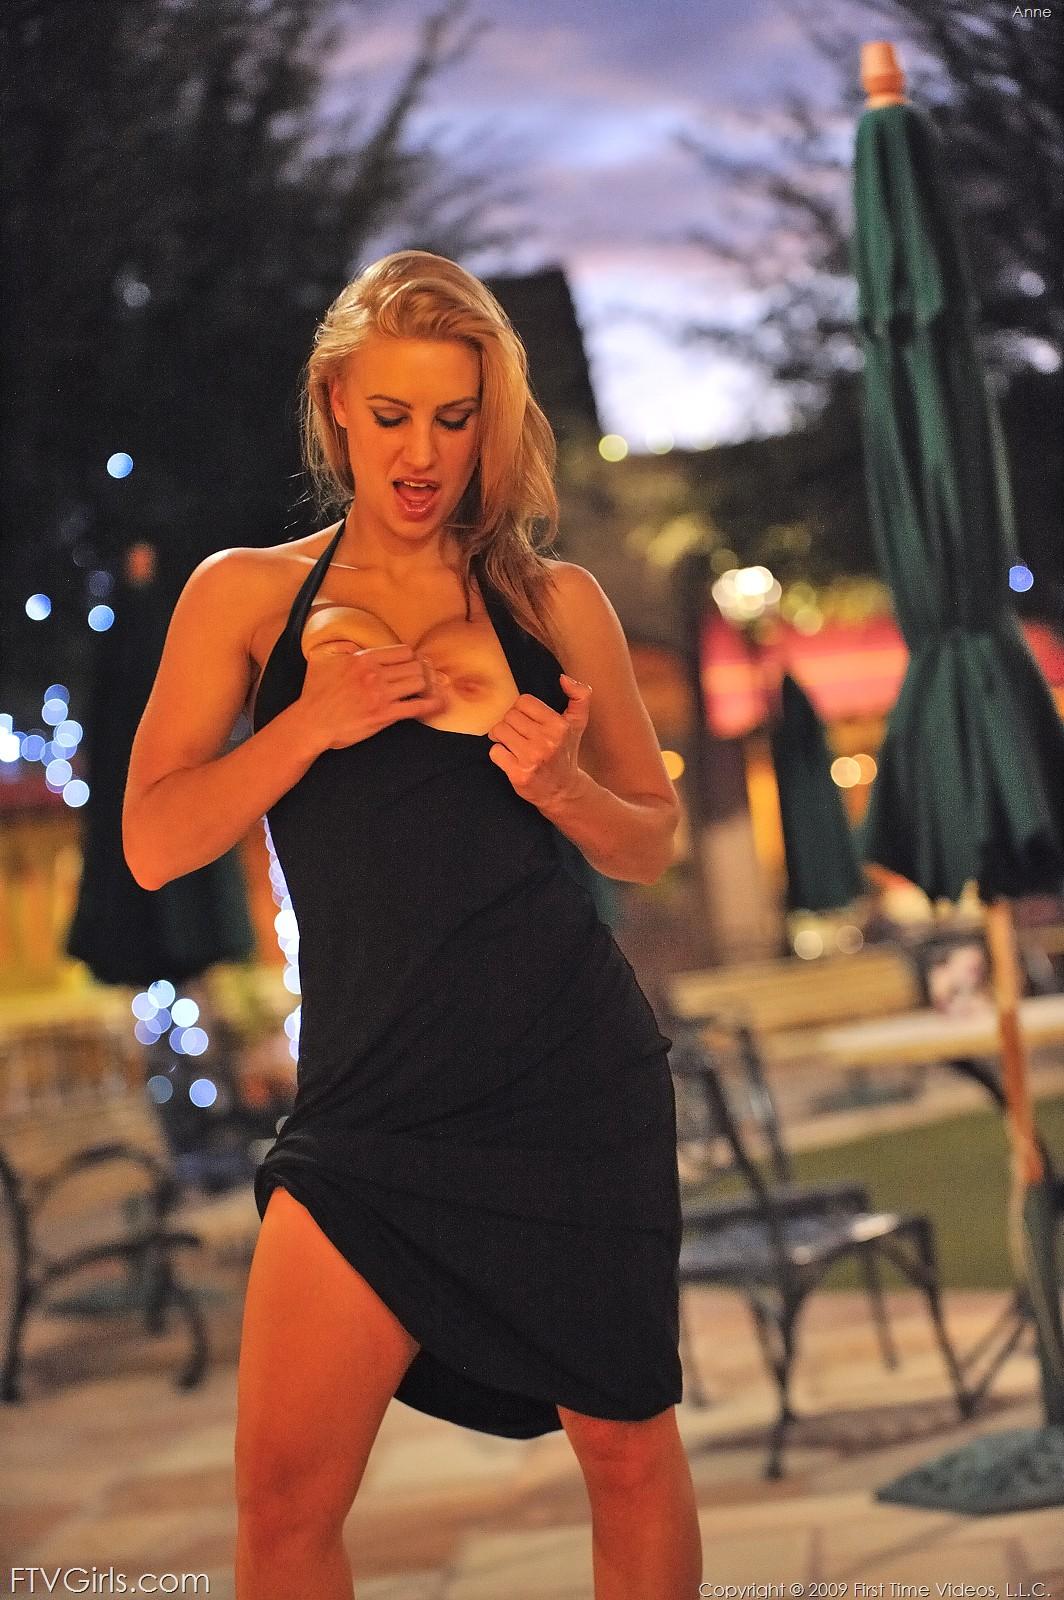 http://content9.novoglam.com/ftvgirls.com/6562/05.jpg